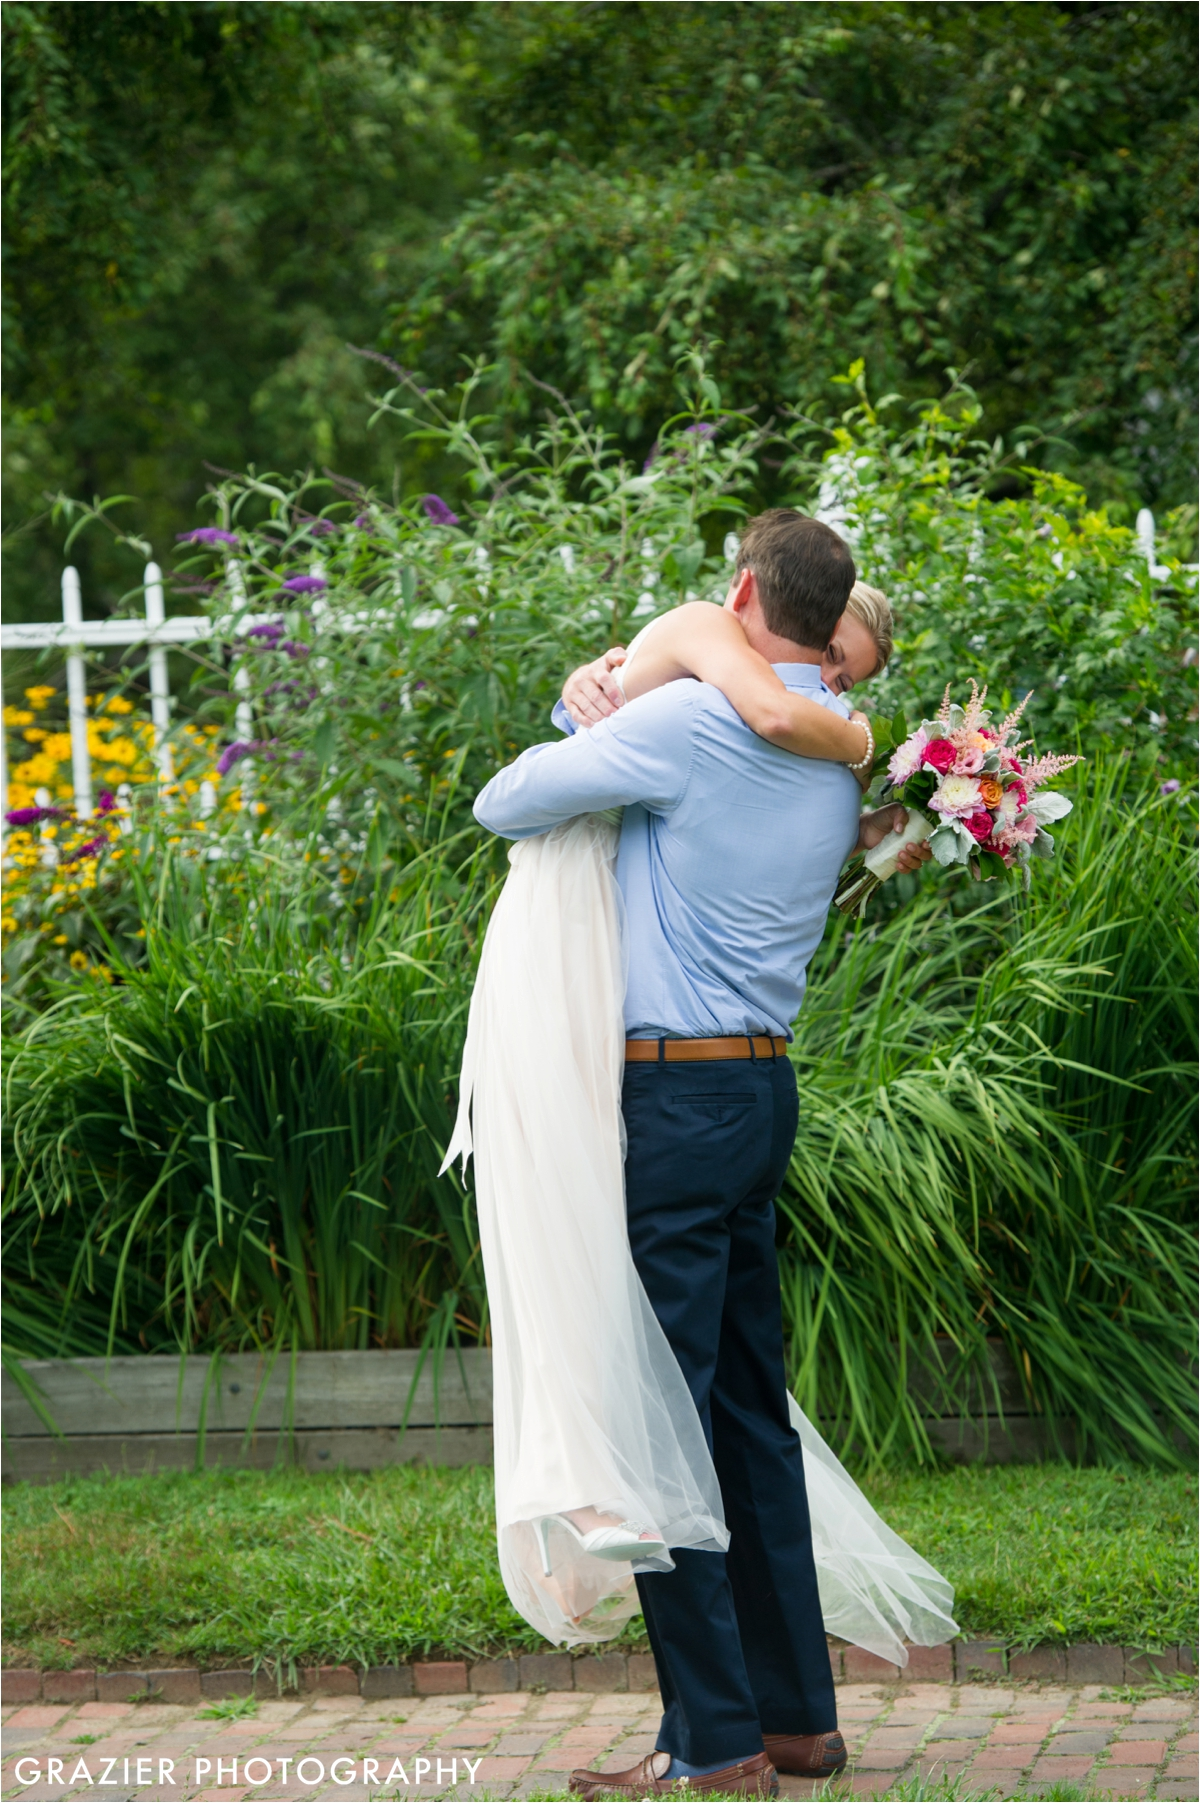 Wedding-First-Look-Grazier-Photography-WEB_0016.jpg